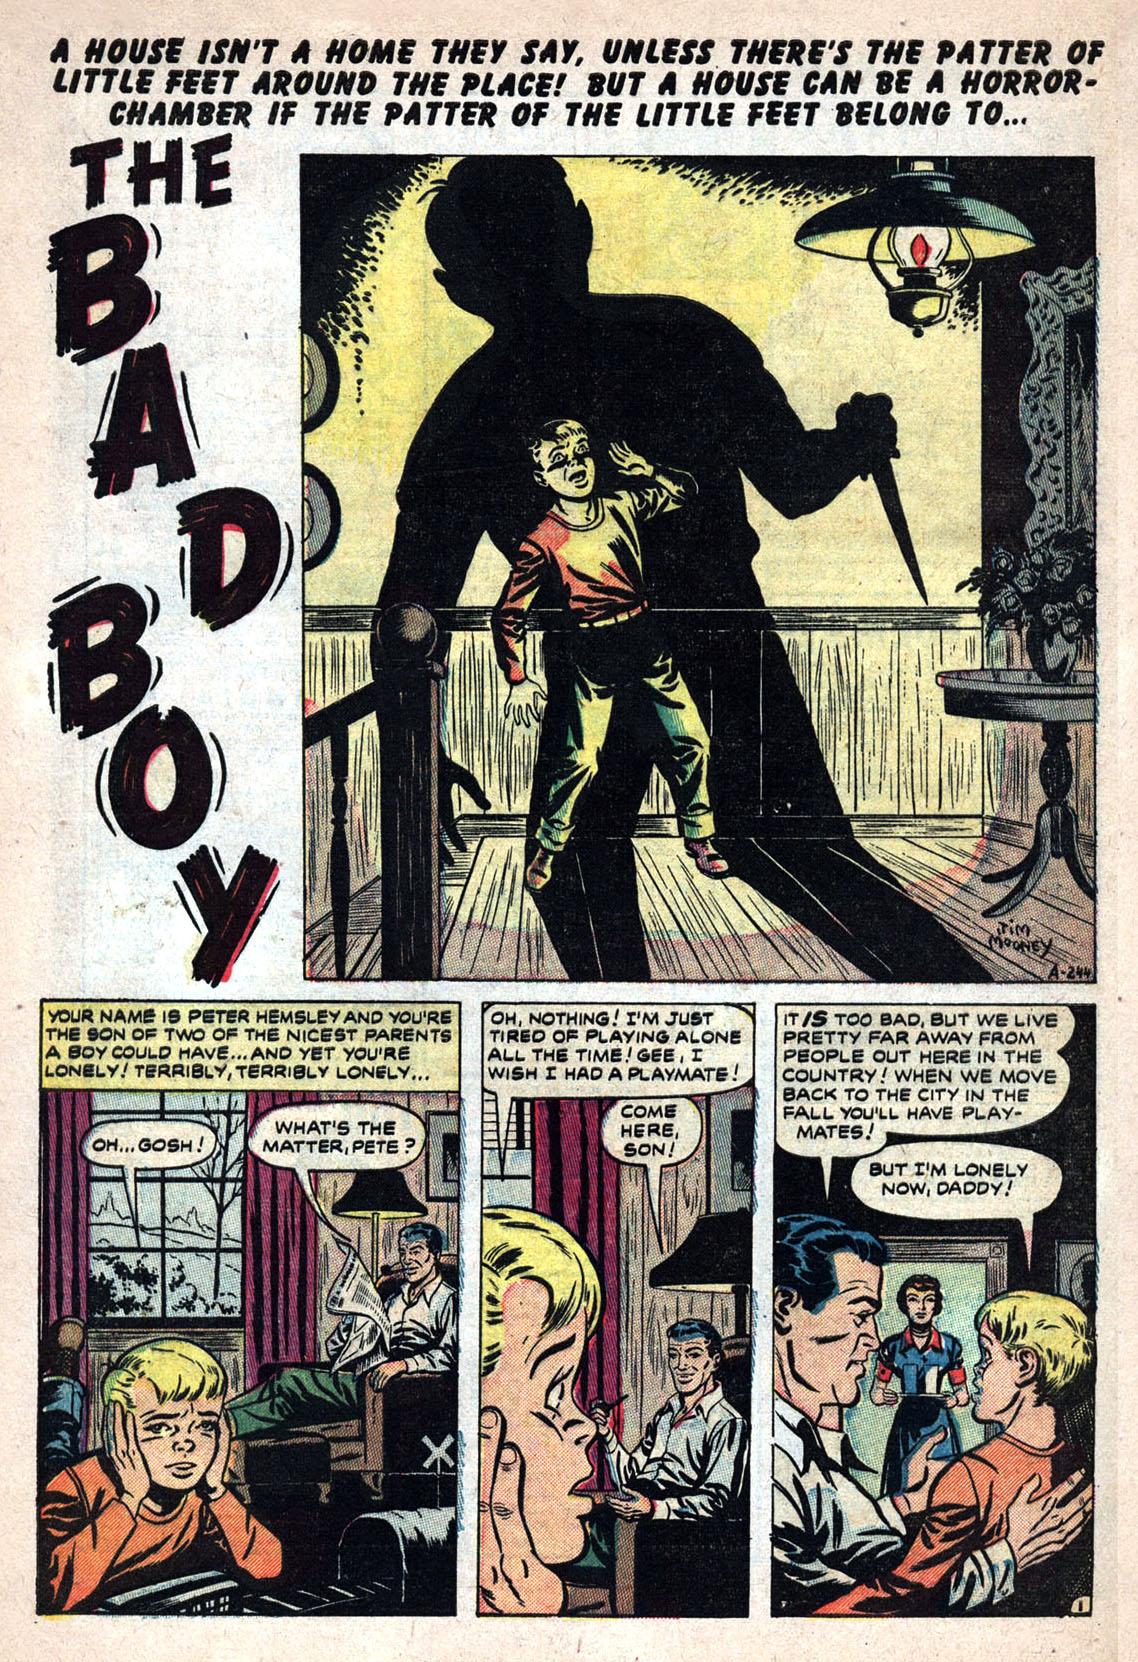 BadBoy1